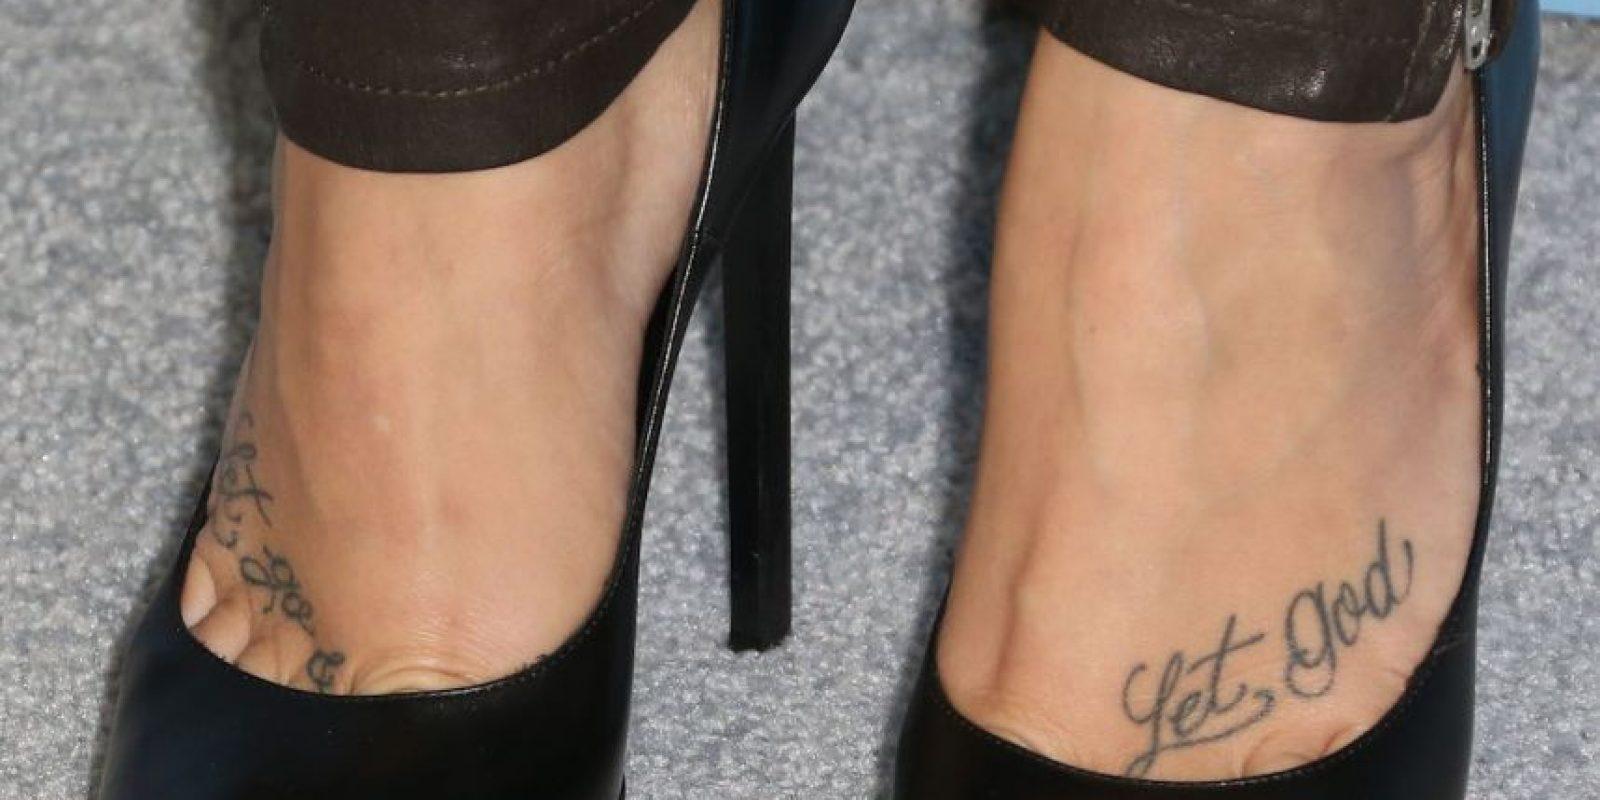 Tiene algunas frases en sus pies Foto:Getty